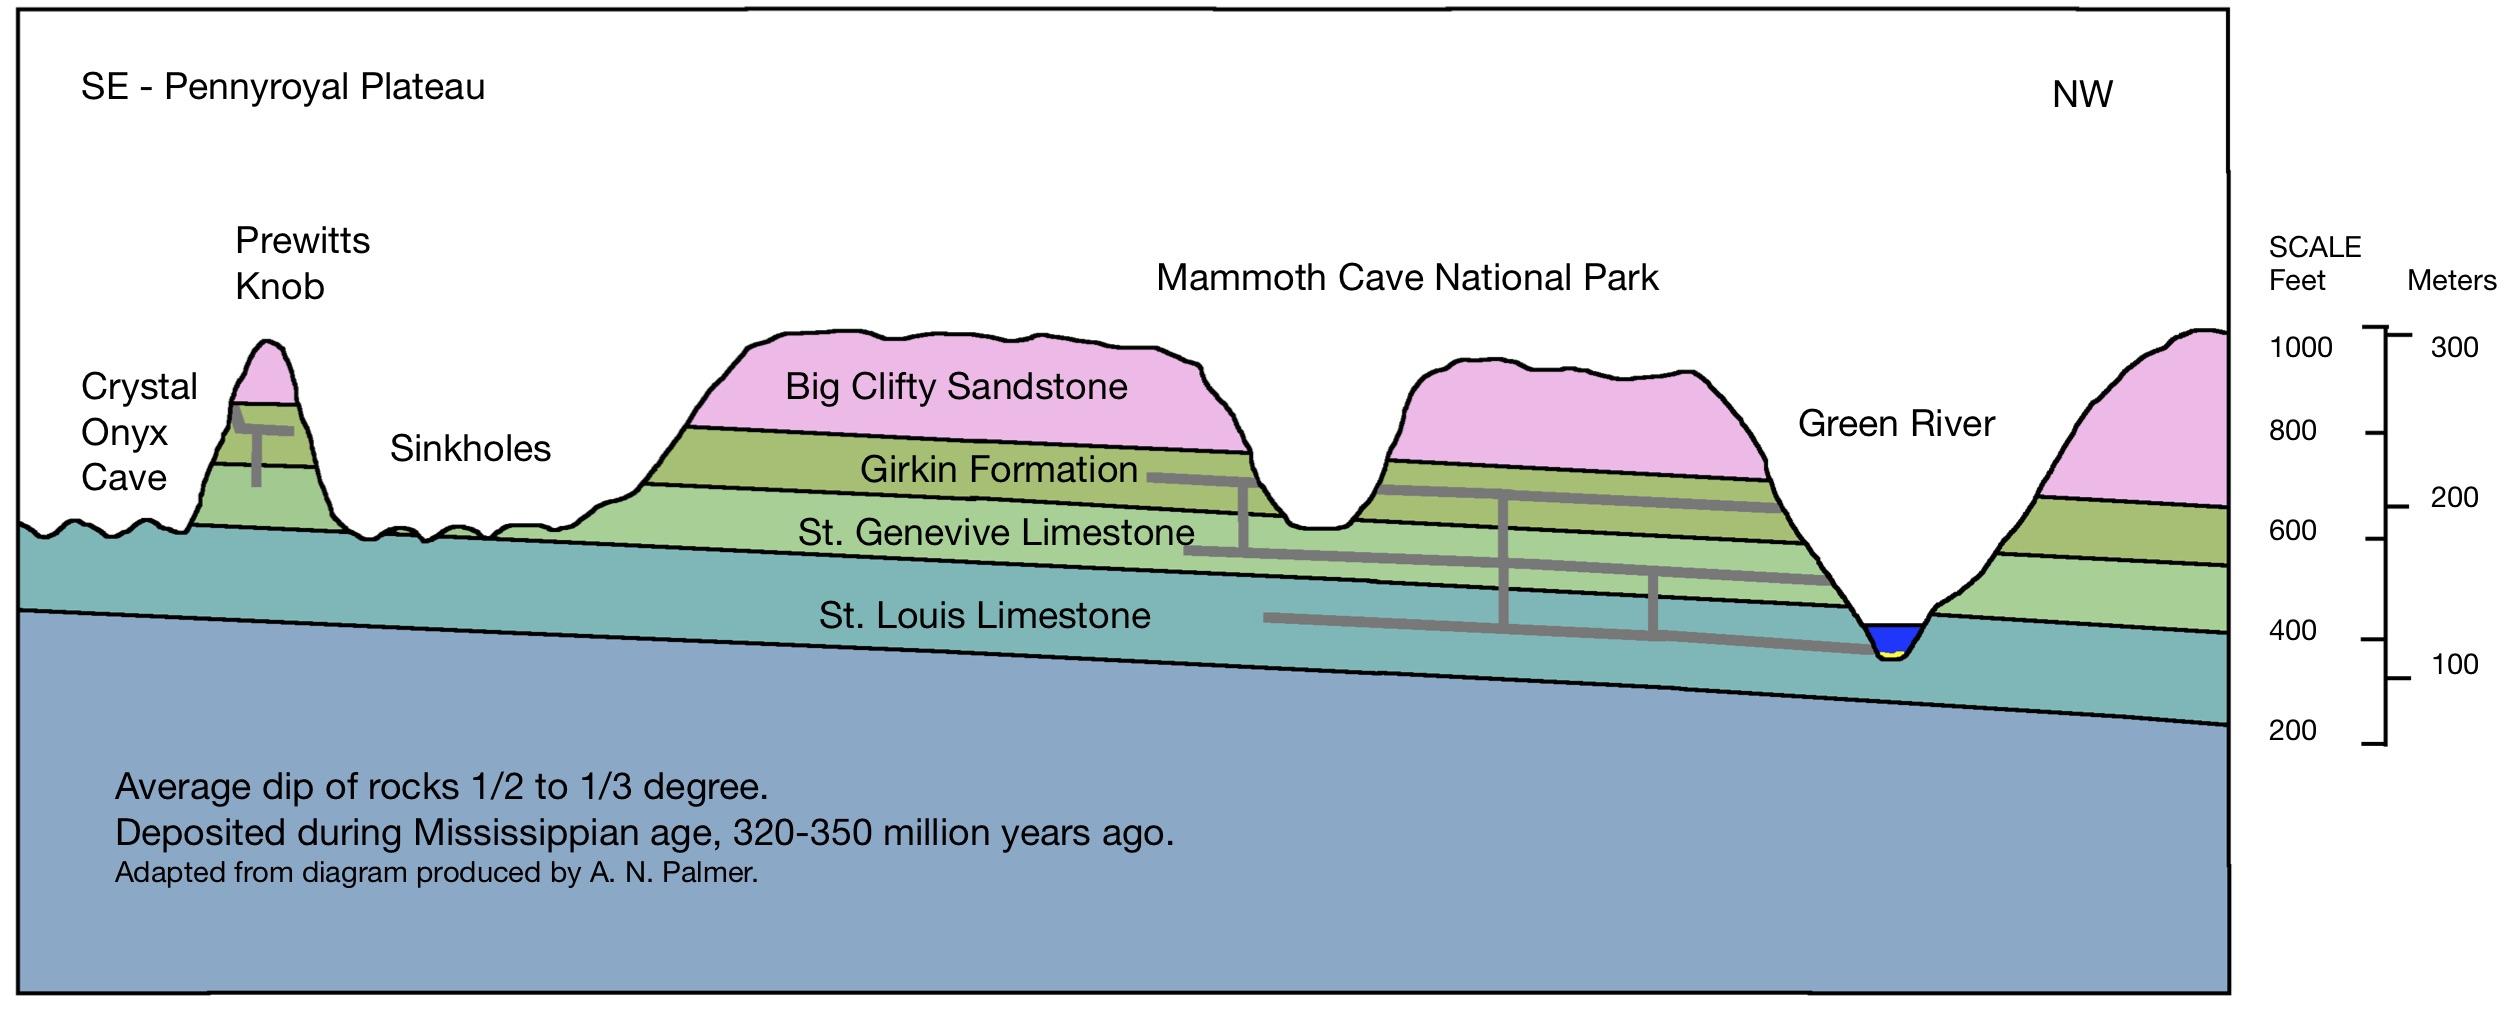 Geology – Crystal Onyx CaveCrystal Onyx Cave